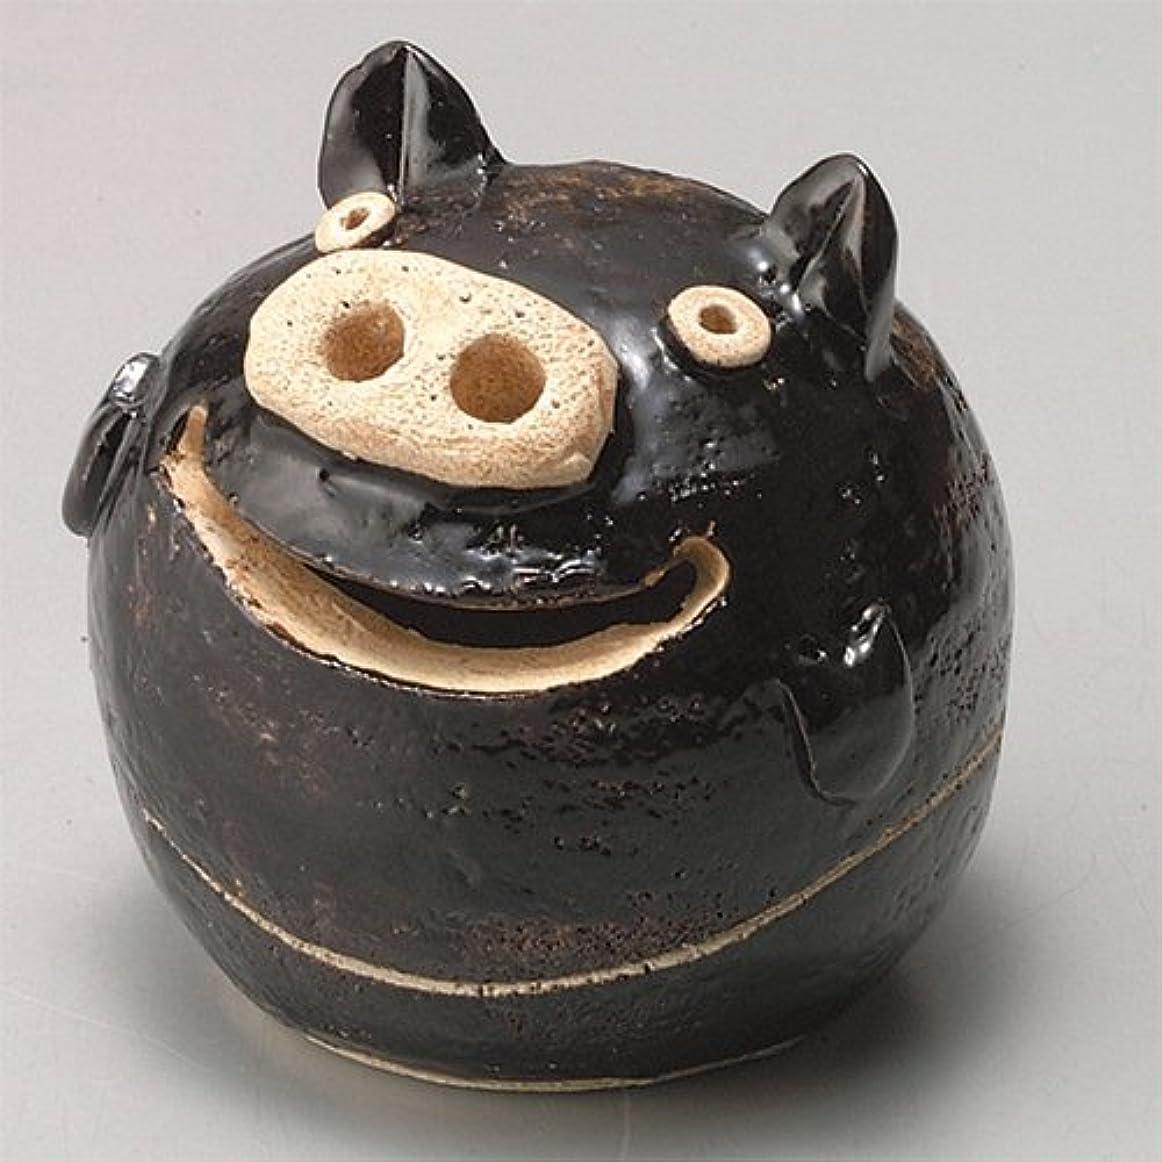 衛星ミュージカルエージェント香炉 ぶた君 香炉(黒) [H9cm] HANDMADE プレゼント ギフト 和食器 かわいい インテリア